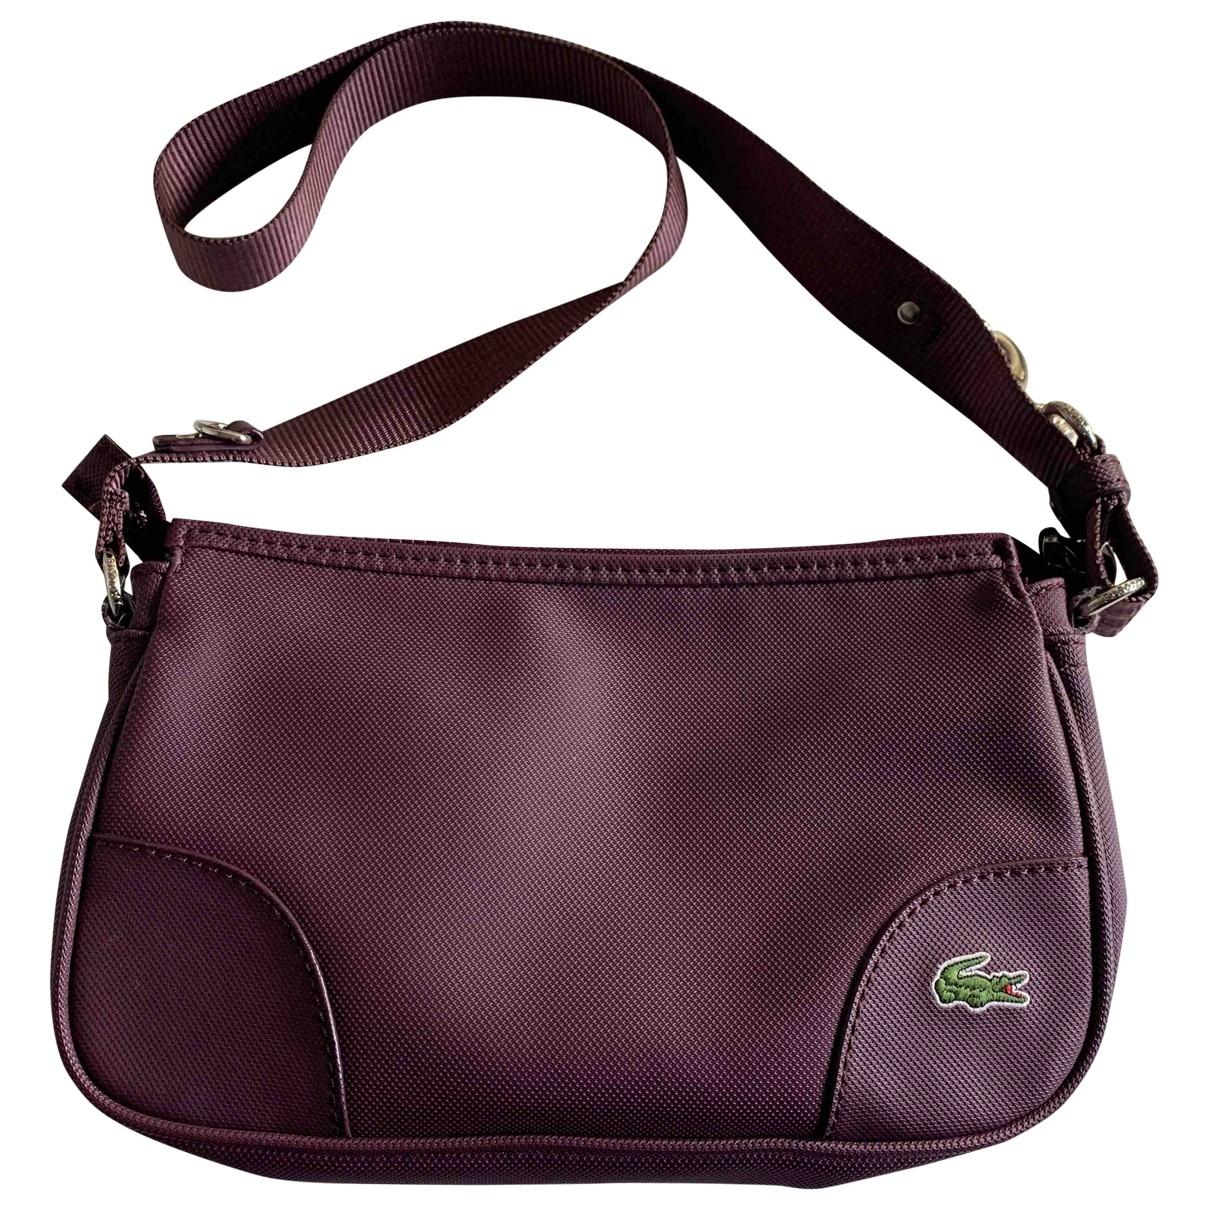 Lacoste - Sac a main   pour femme - violet